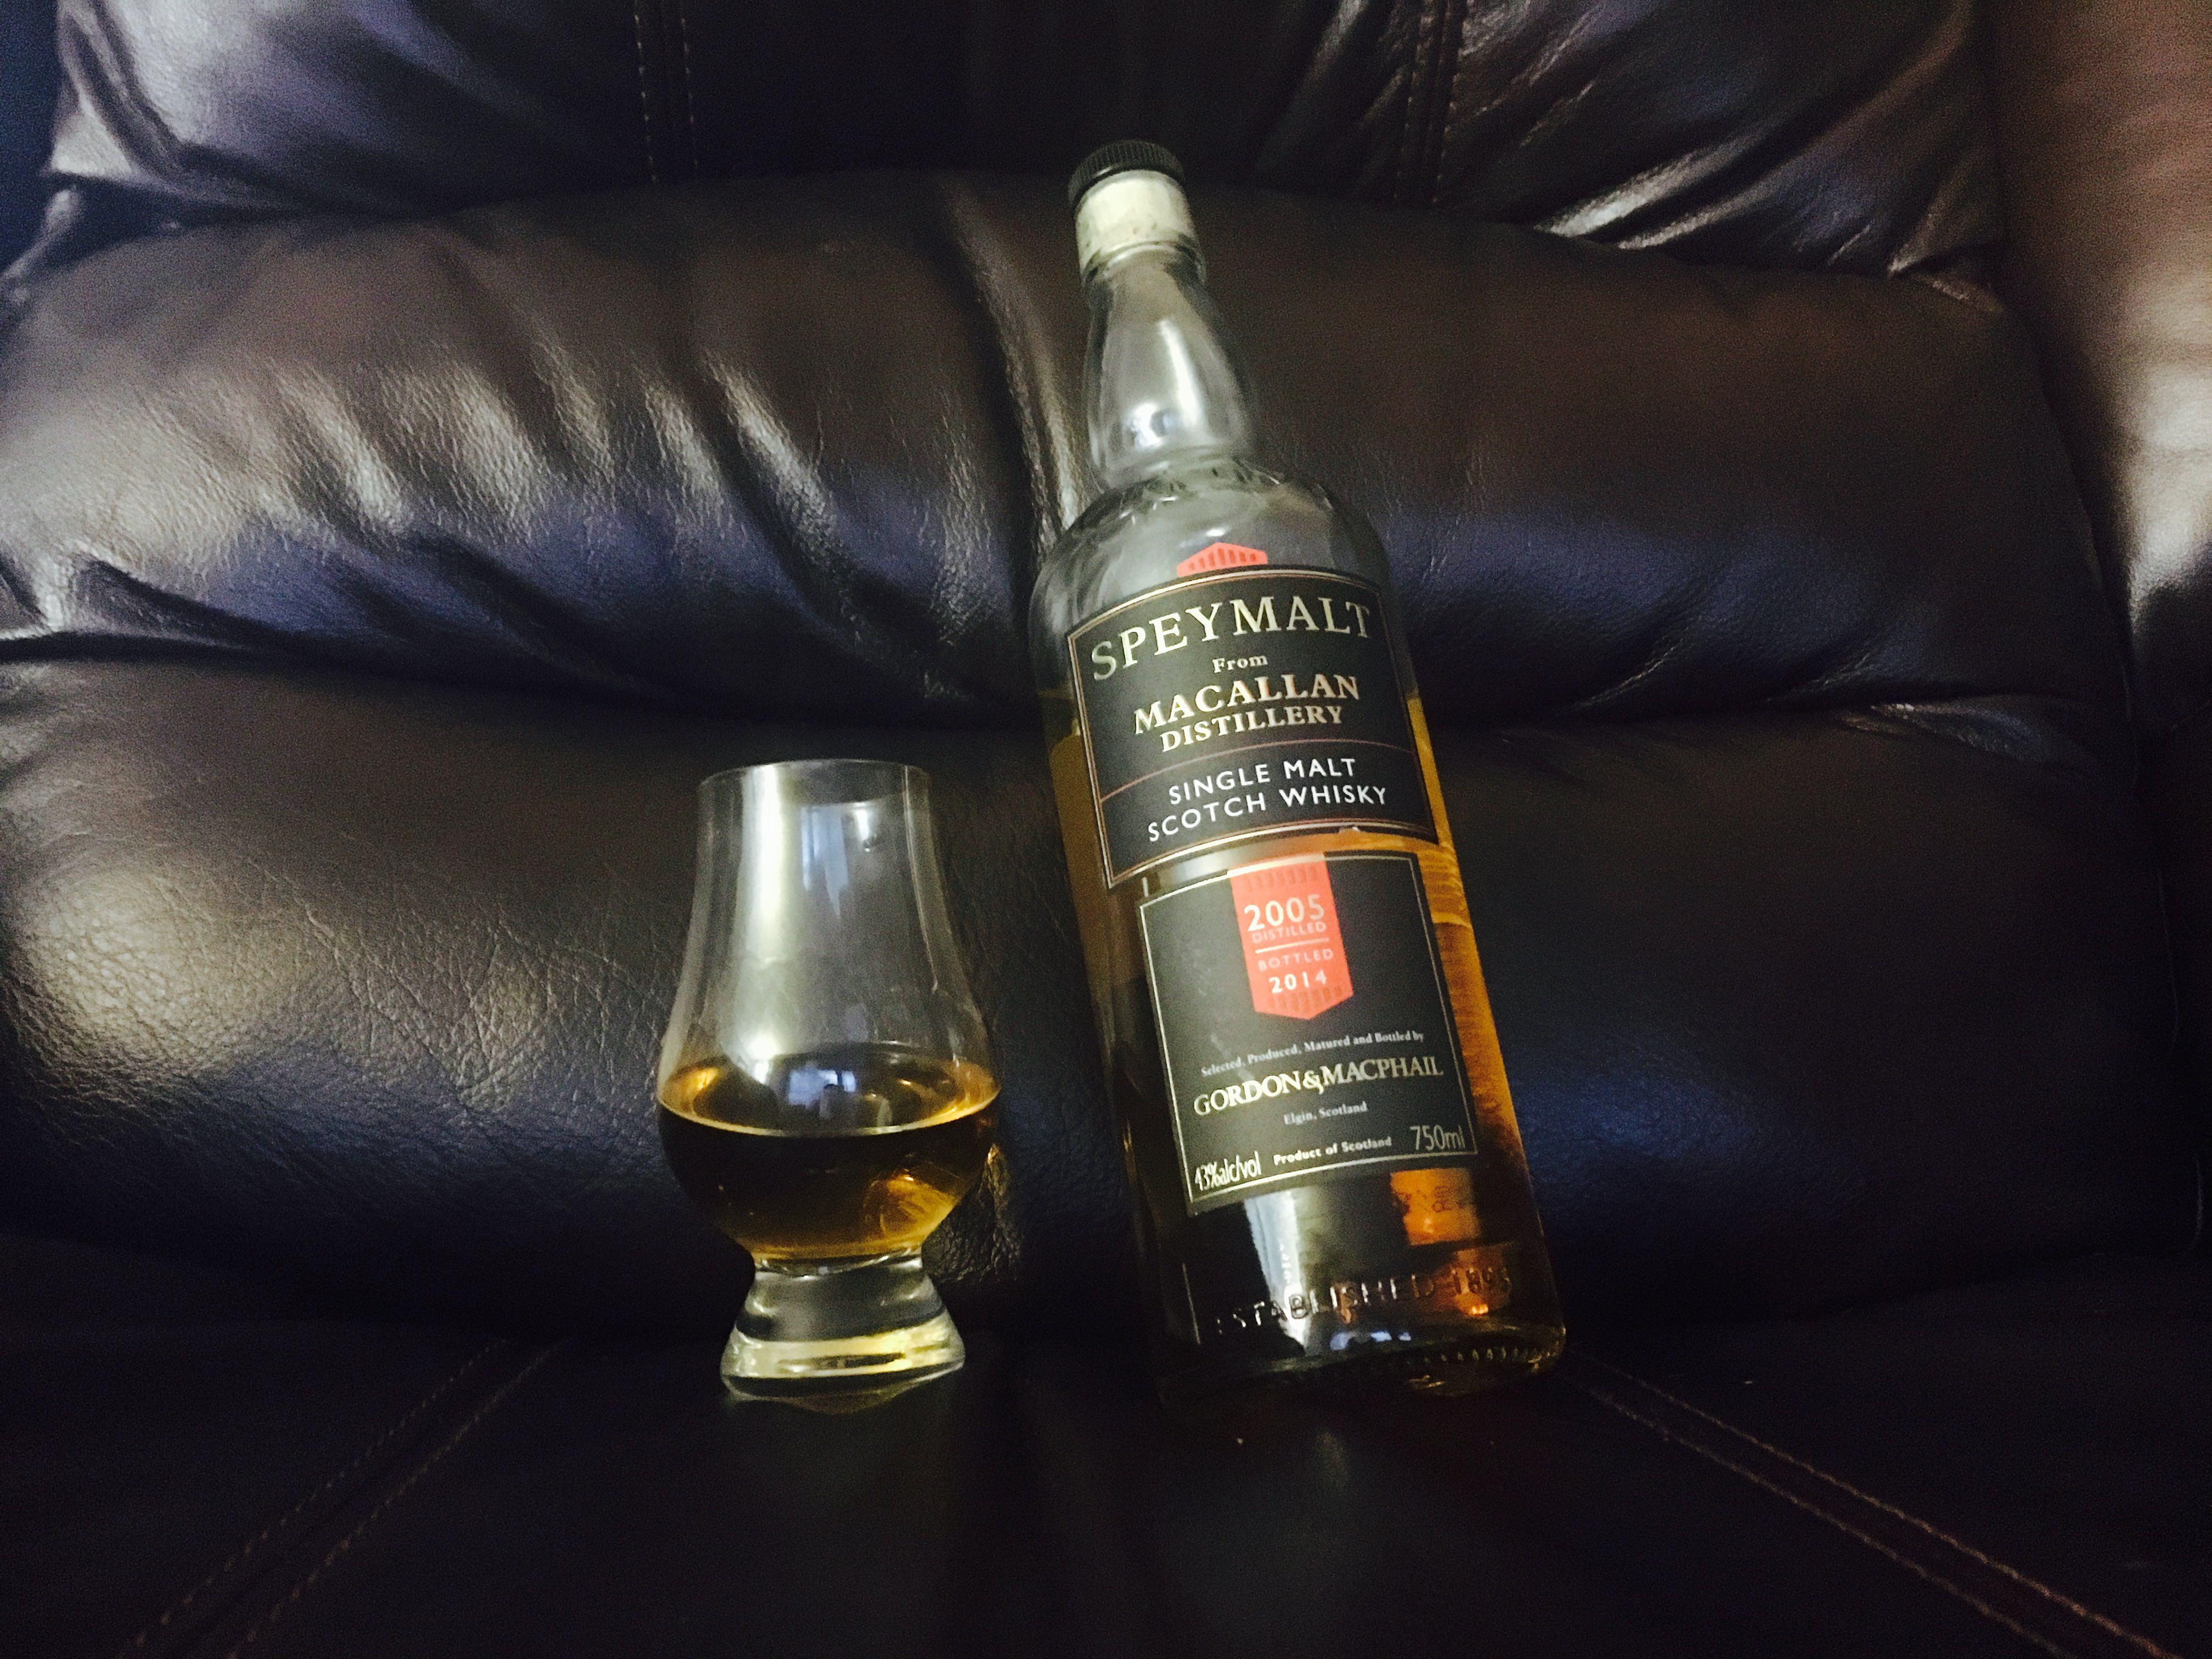 Speymalt from Macallan